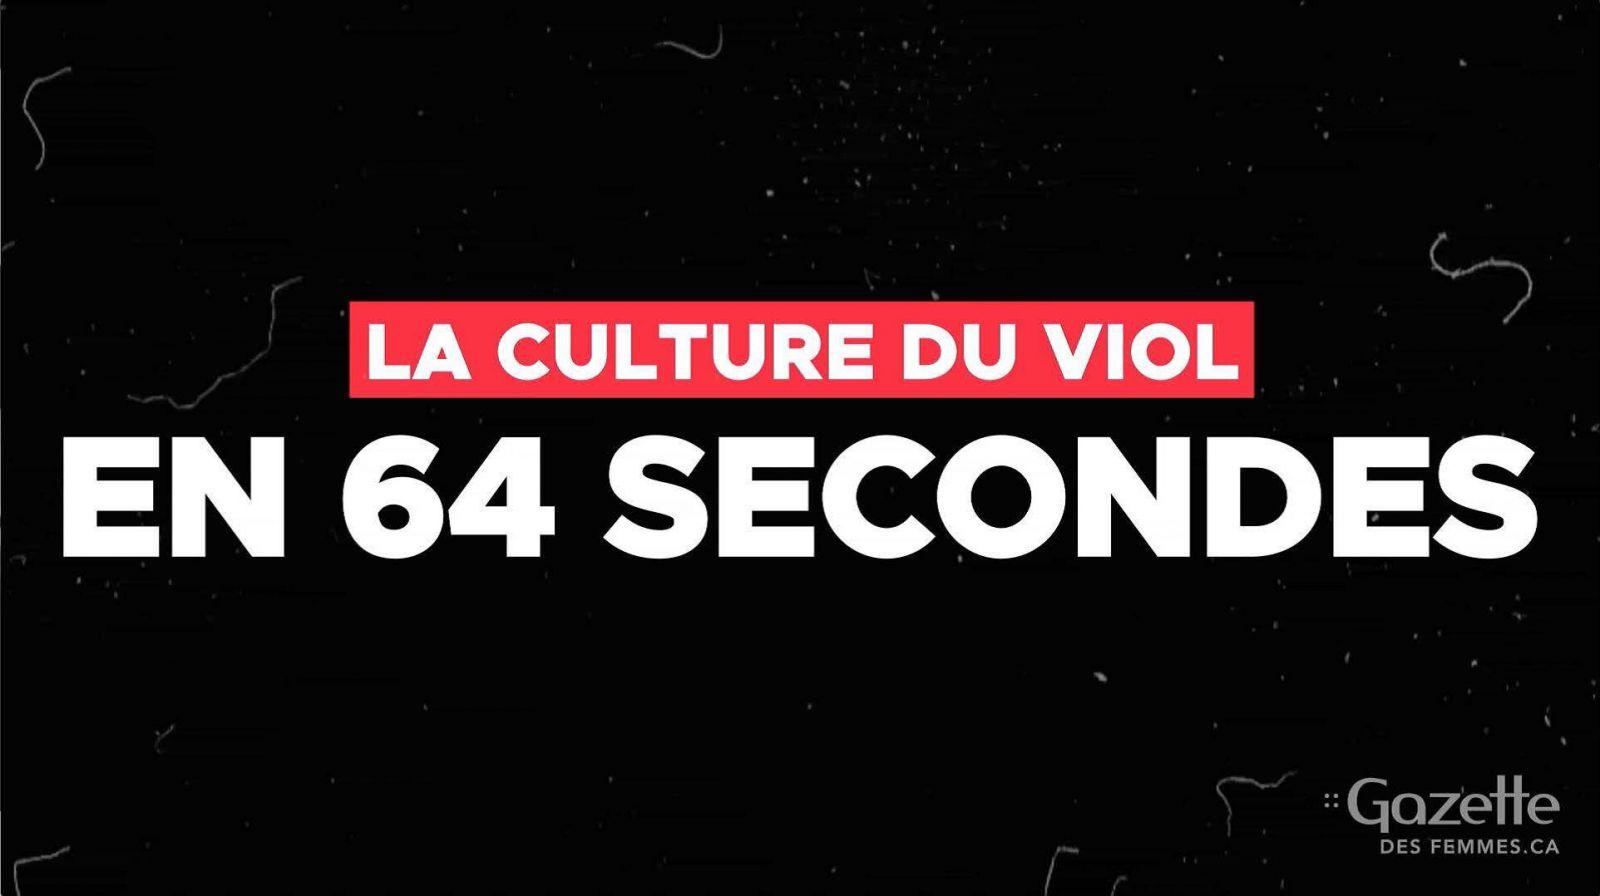 La culture du viol en 64 secondes